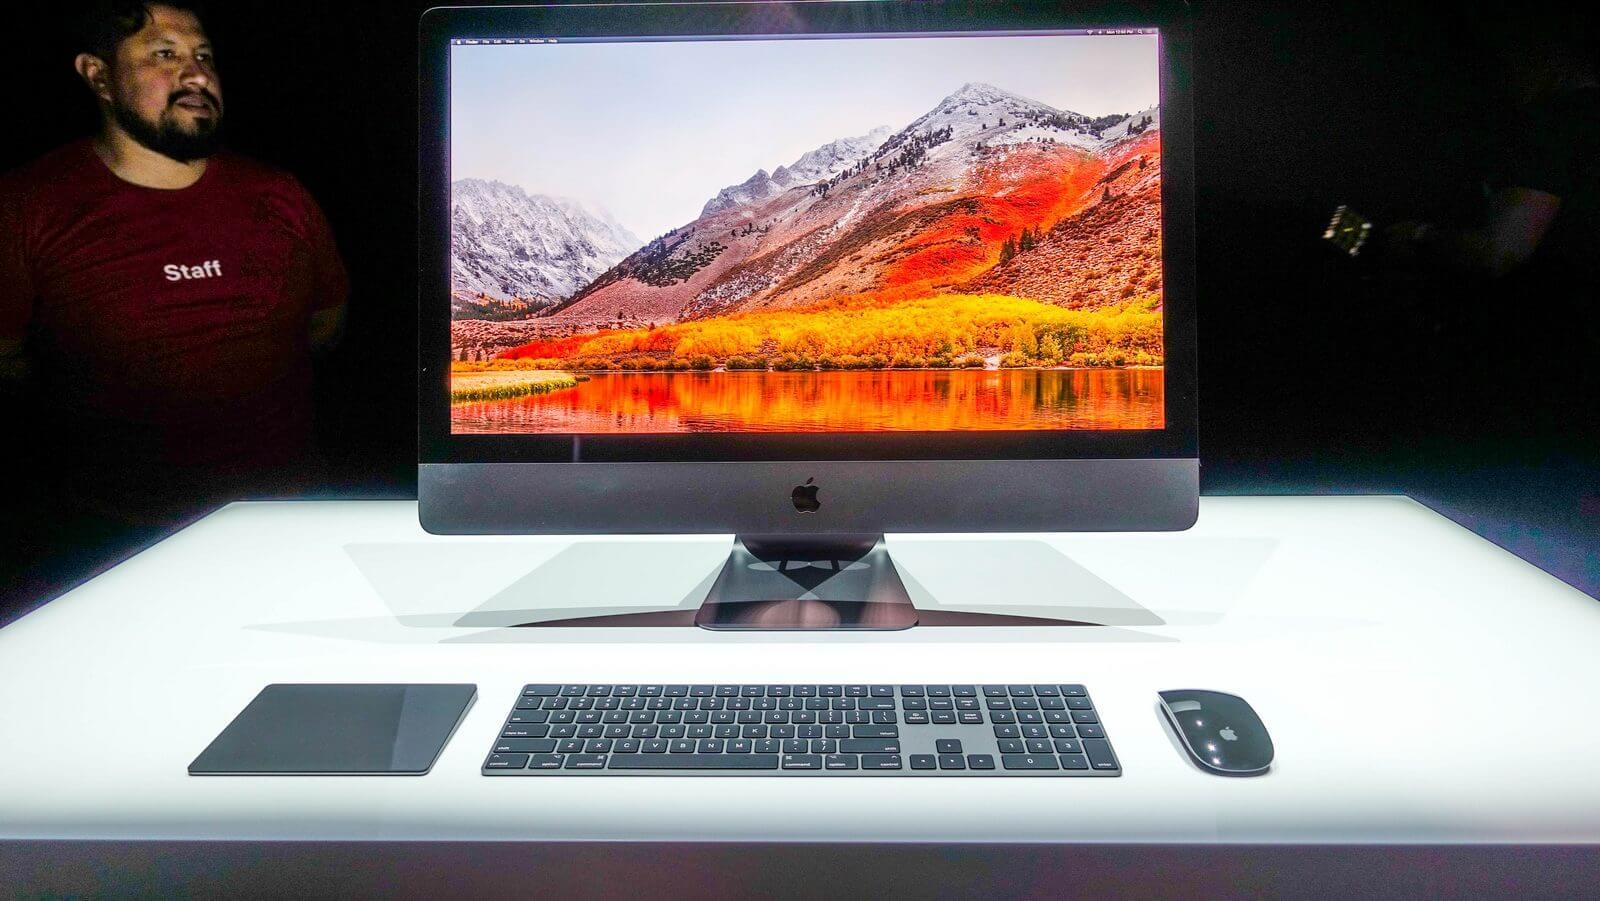 На eBay появились аксессуары для iMac Pro по баснословной цене